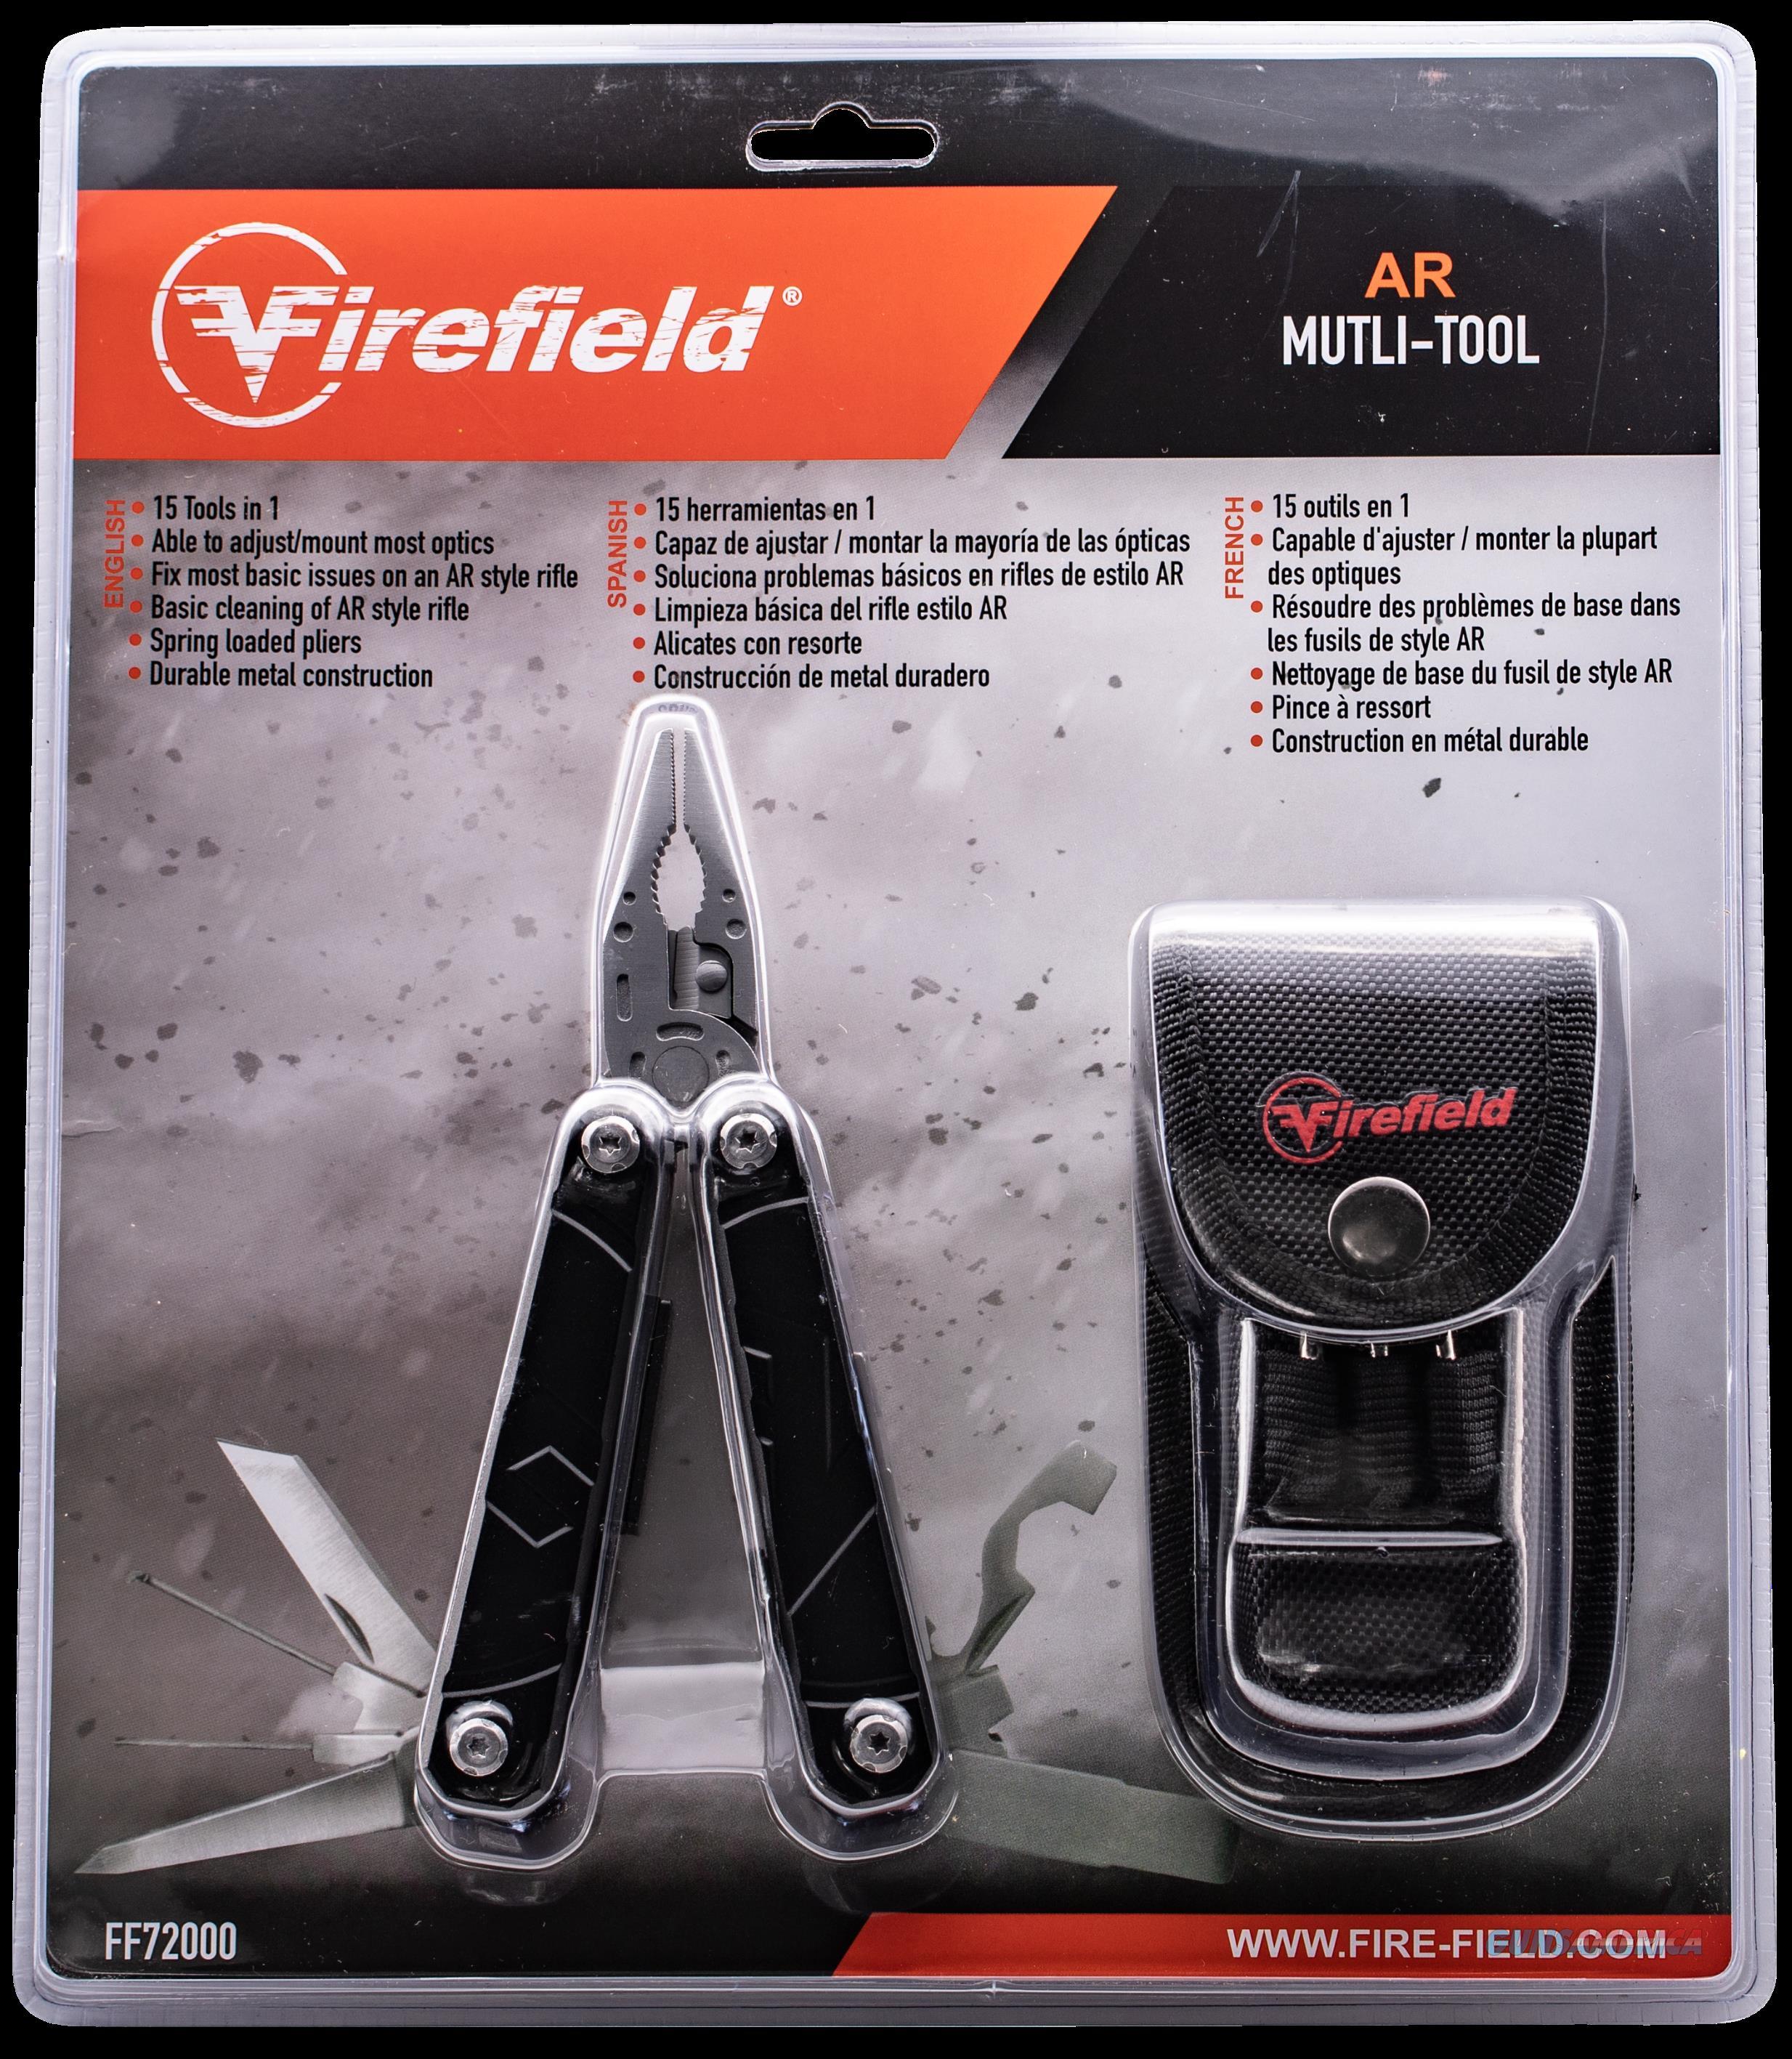 Firefield Ar Multi-tool, Firefield Ff72000   Ar Multi-tool  Guns > Pistols > 1911 Pistol Copies (non-Colt)